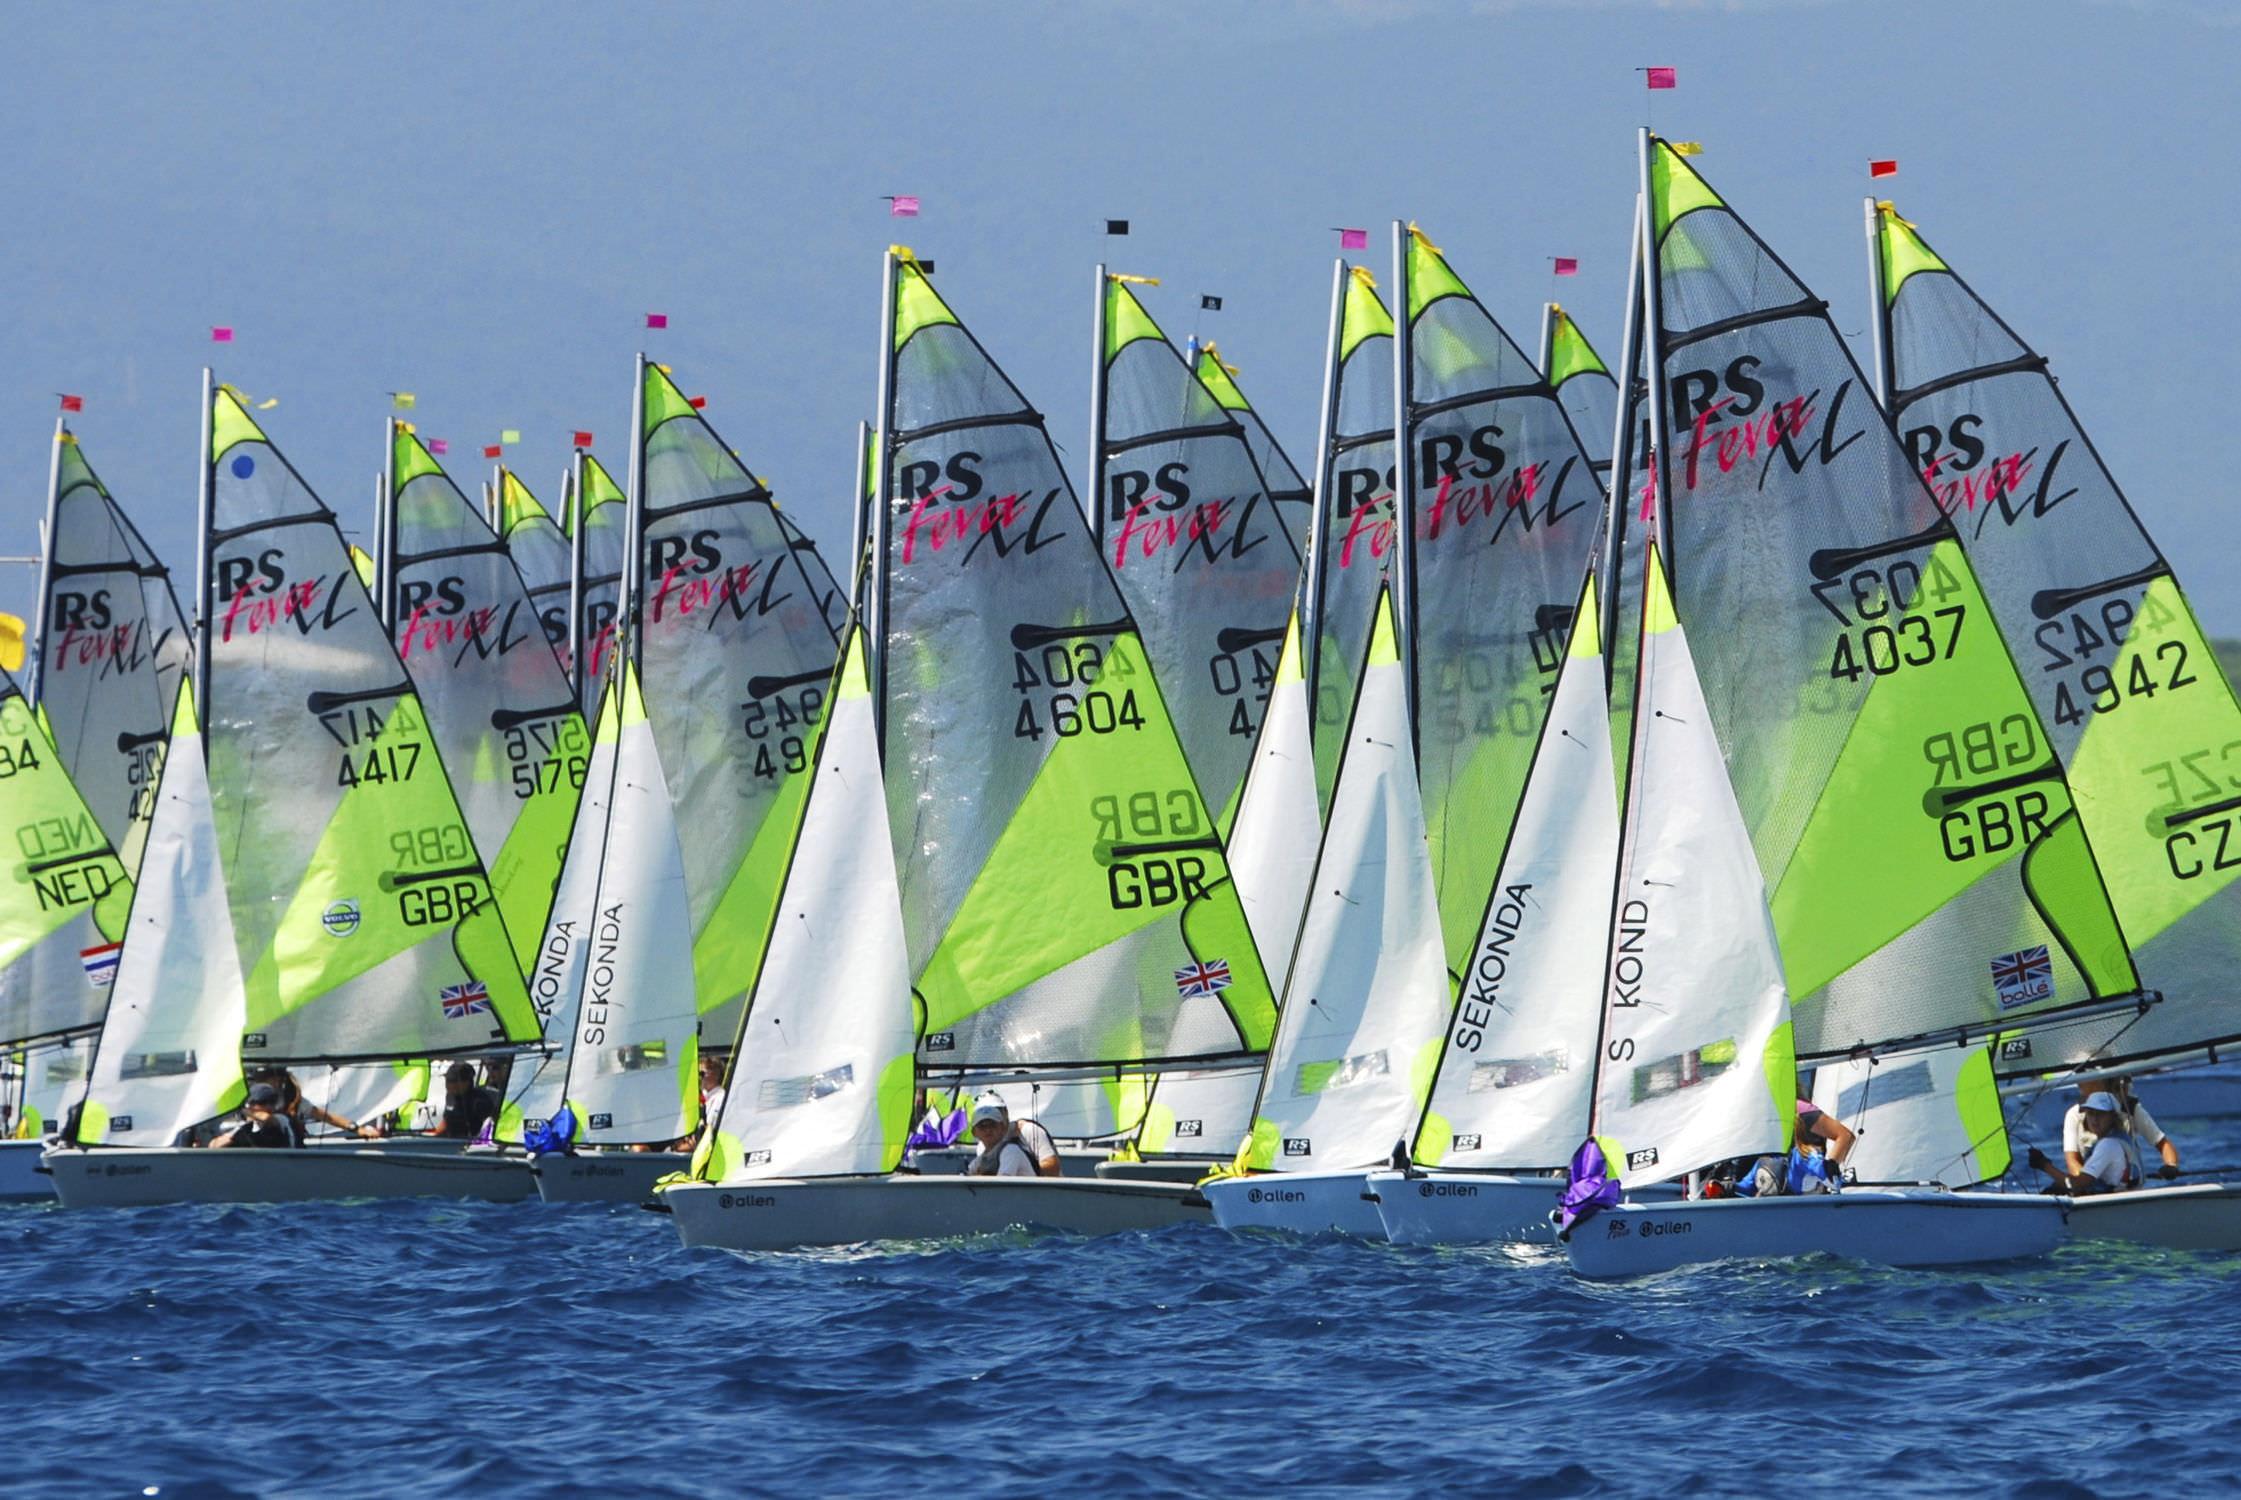 aero rund regatta